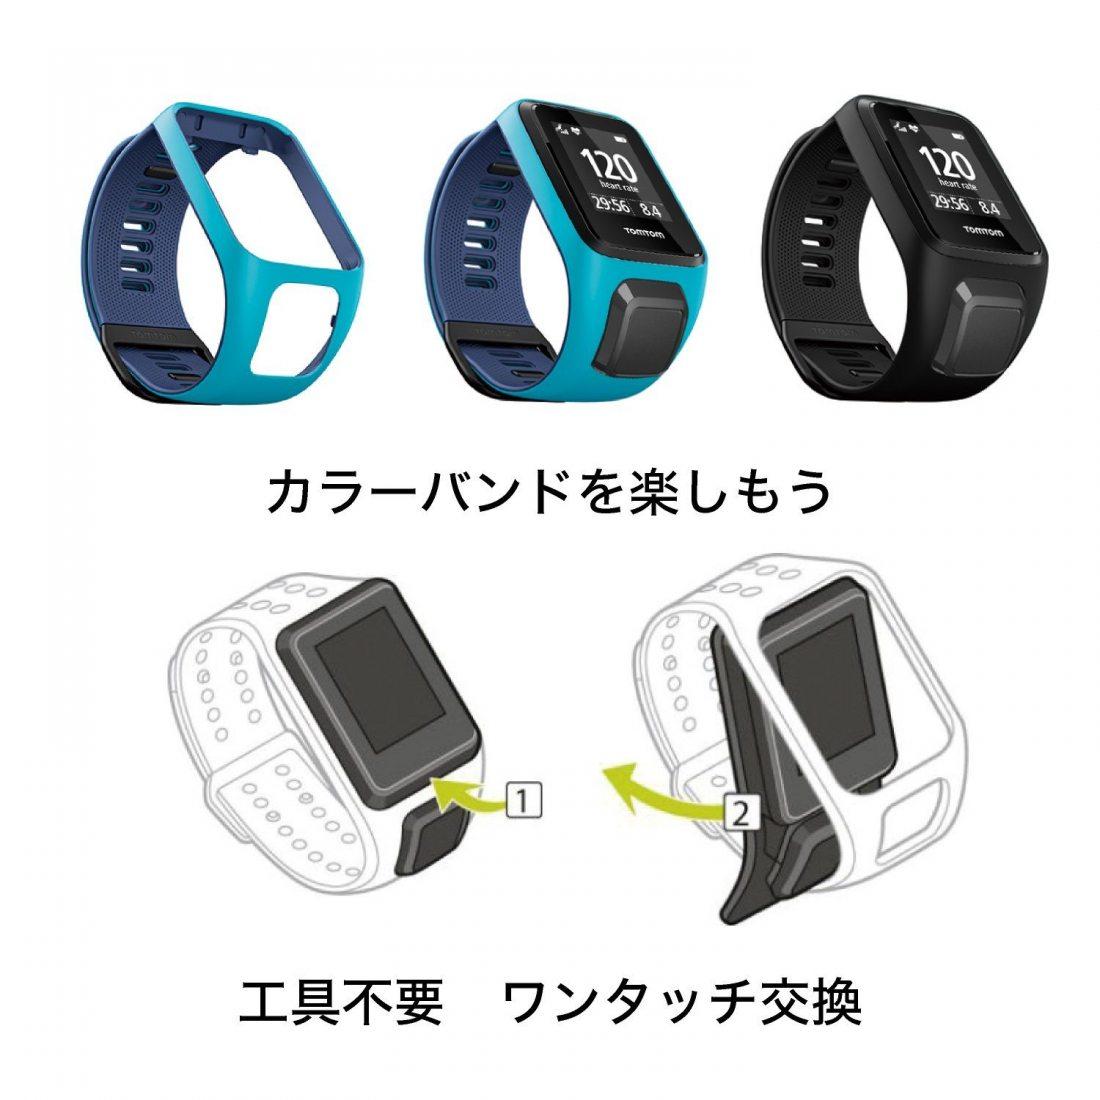 TomTom - Bracelet pour Montre TomTom Runner 3, Spark 3, Runner 2 & Spark Taille Large Gris (ref. 9UR0.000.00)